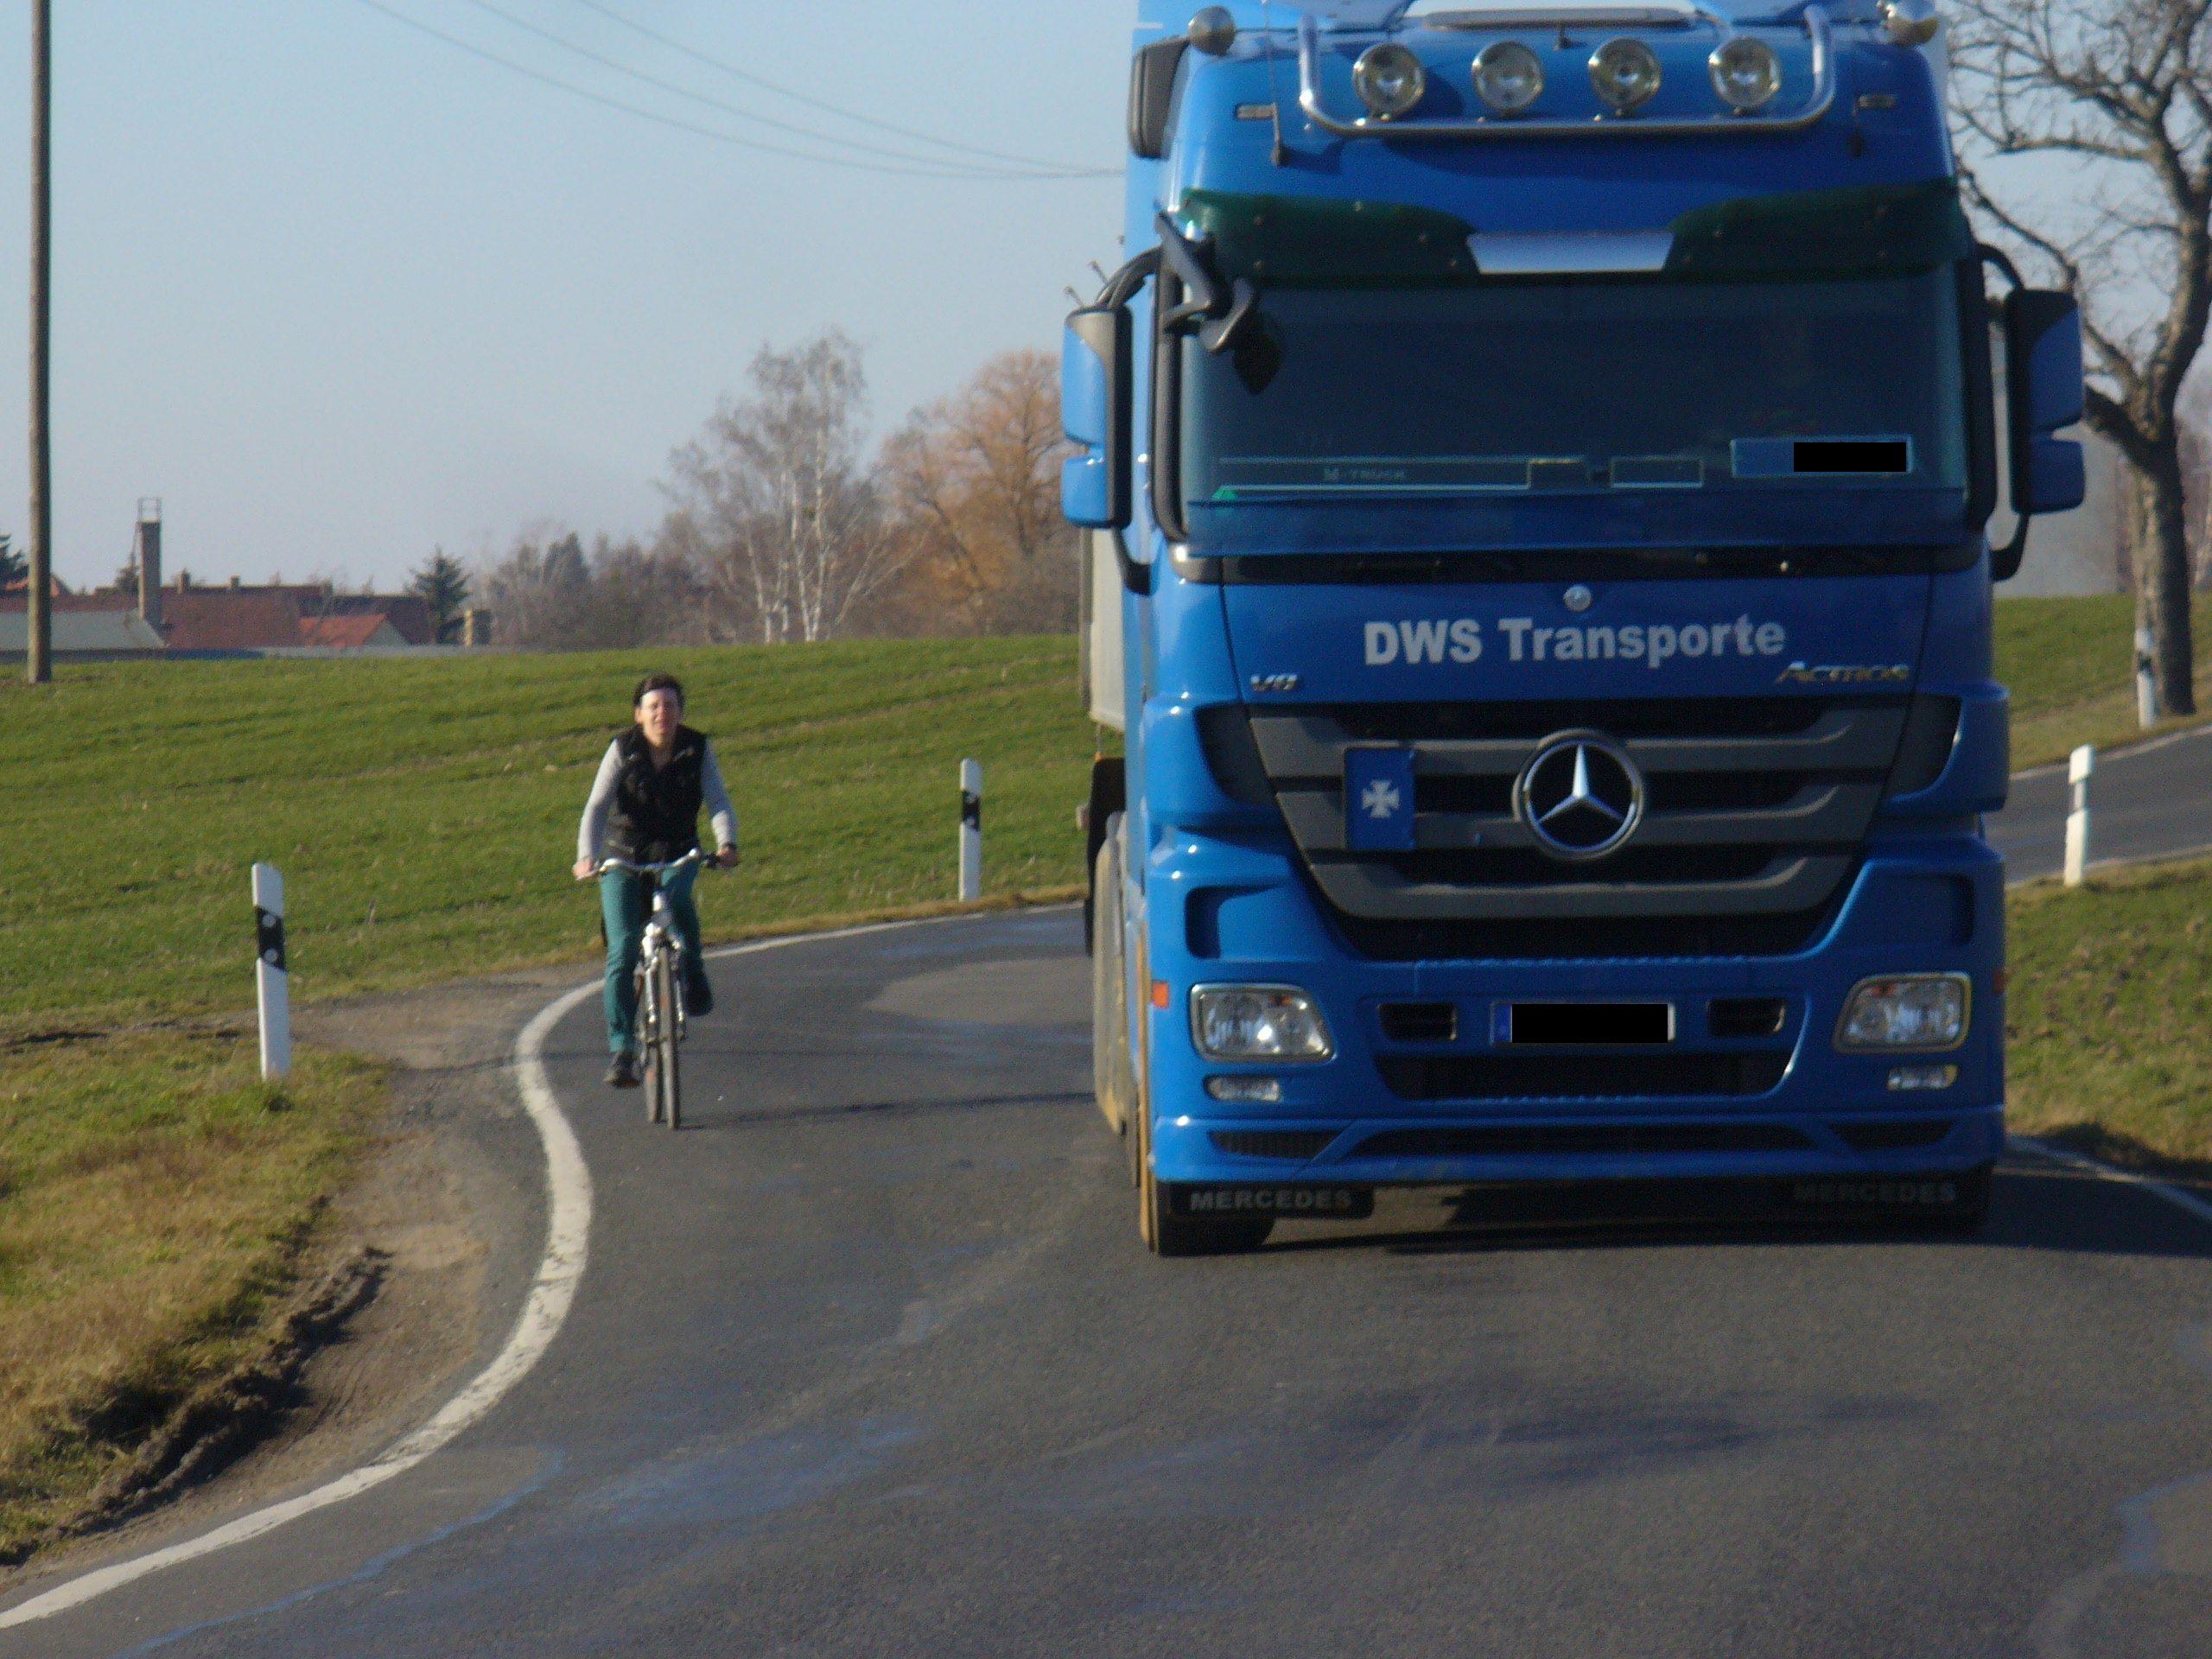 Bürgerinitiative kämpft für sicheren Radverkehr – Polizei sagt Unterstützung zu